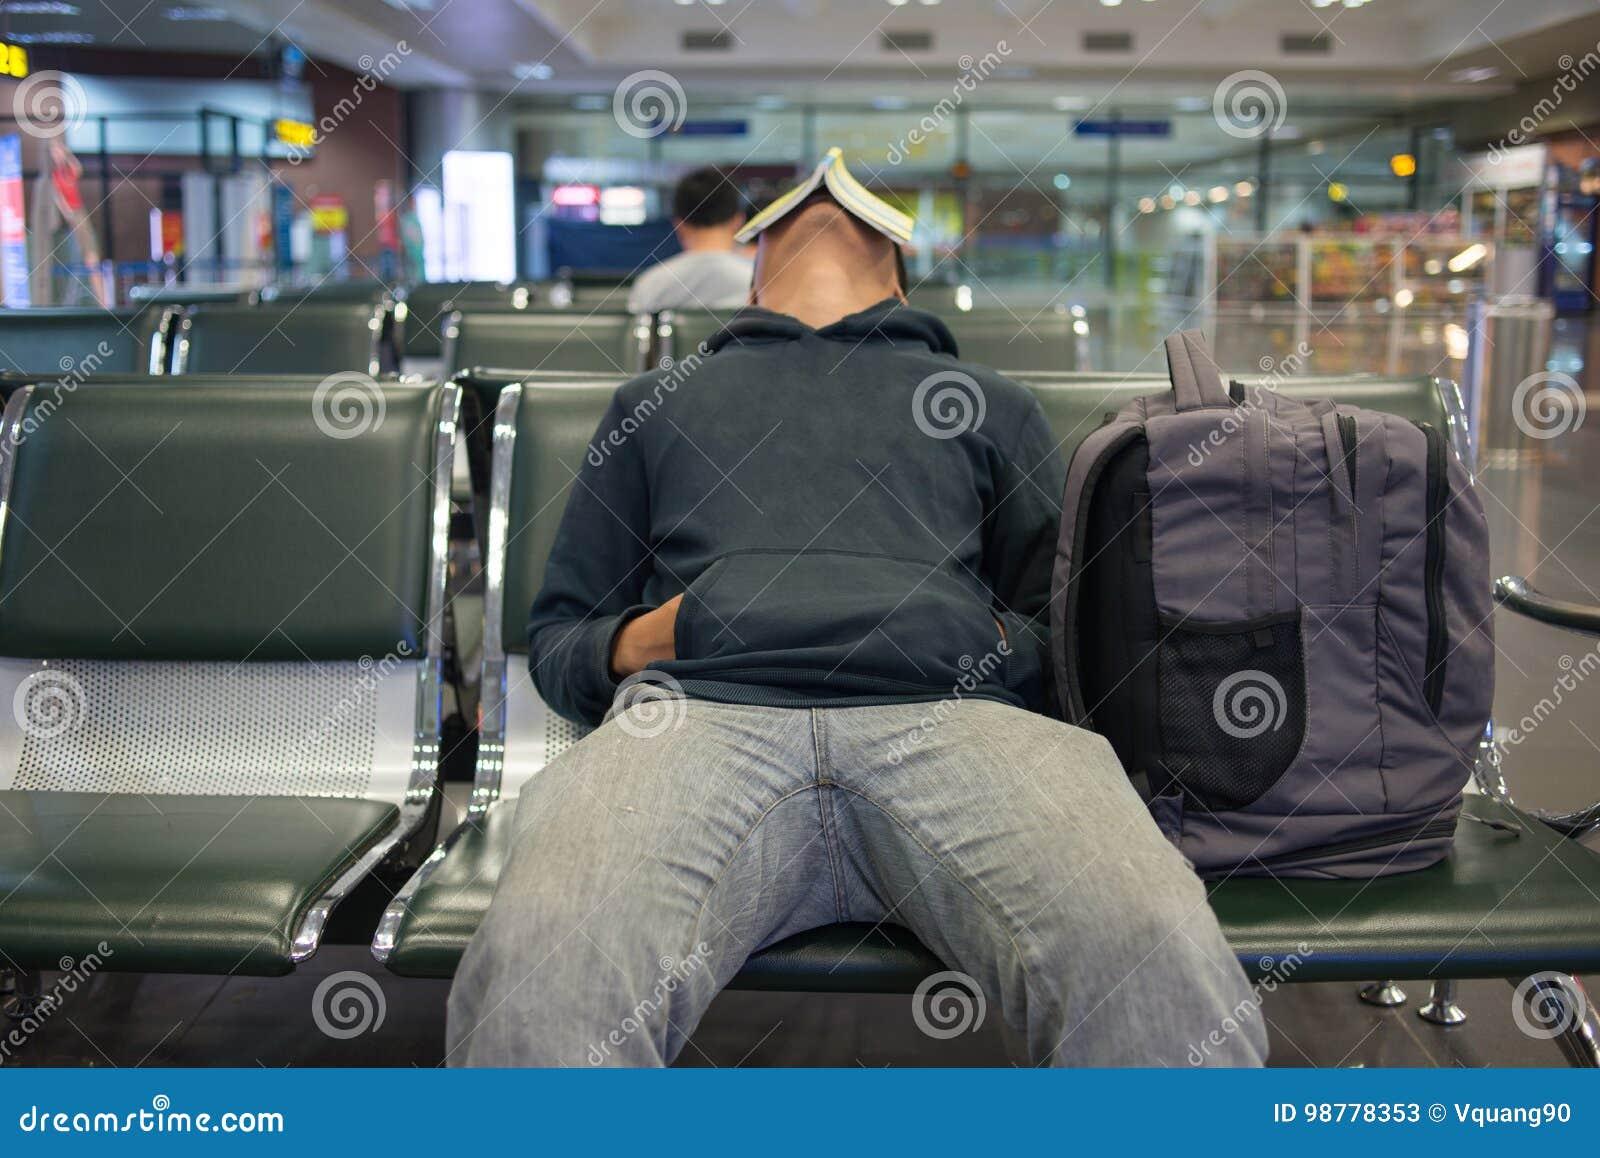 Αναμονή μια πτήση νύχτας στον αερολιμένα